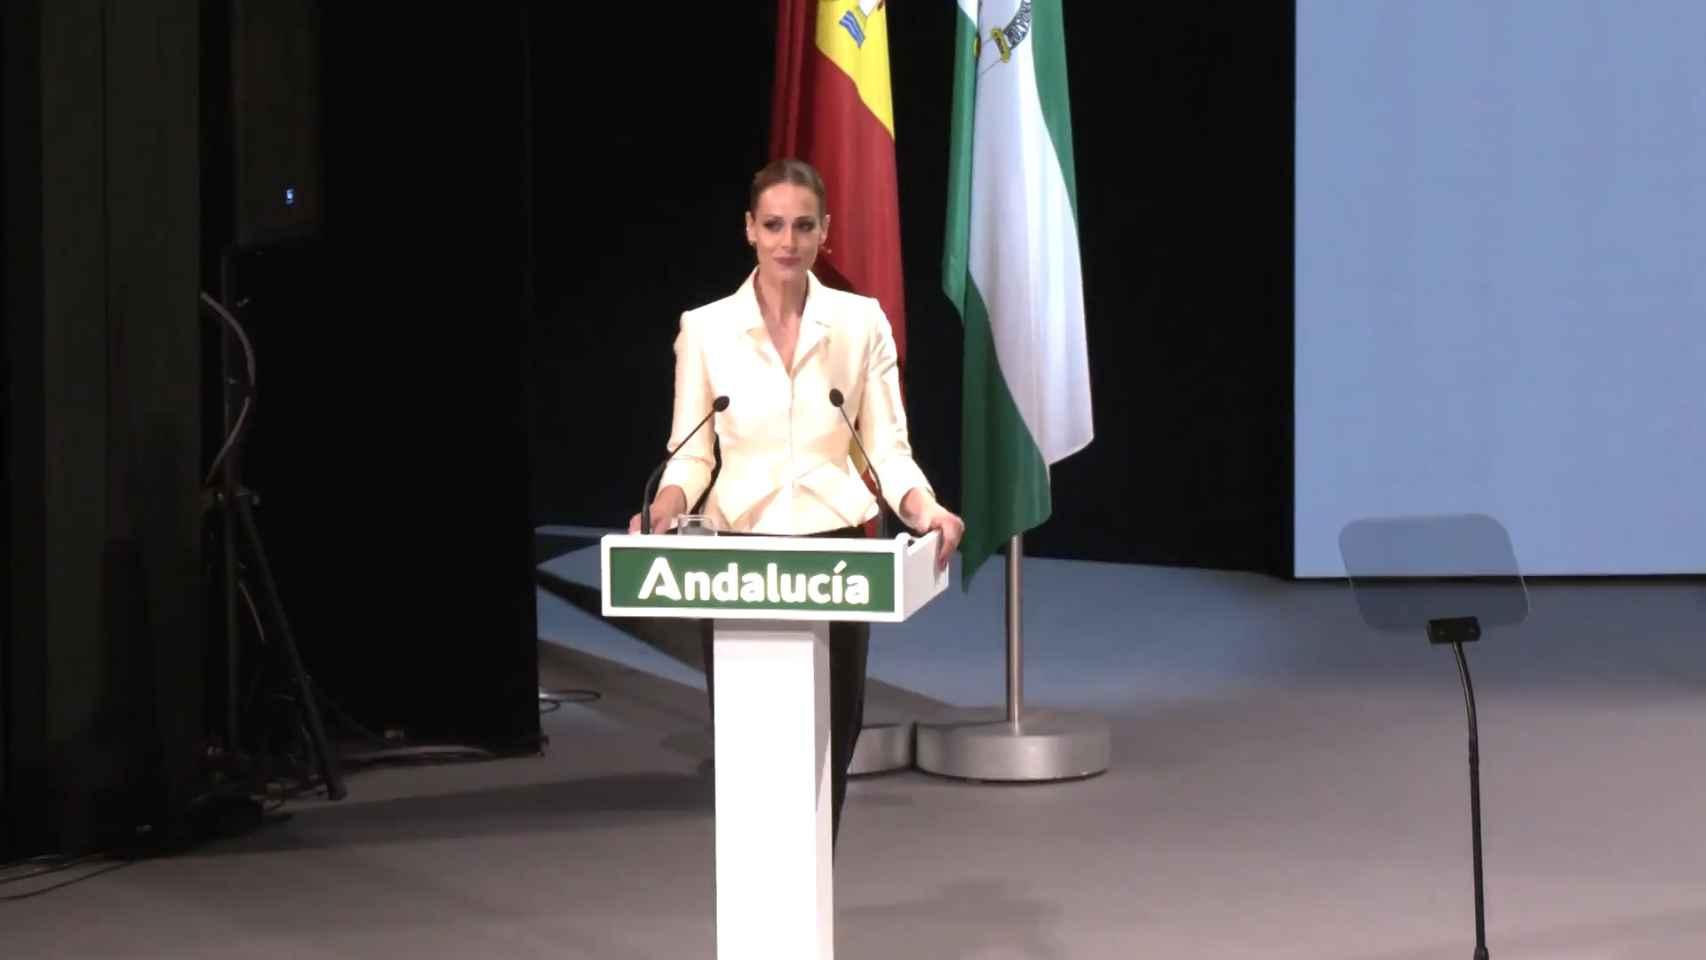 Famosos muestran su orgullo andaluz en el día de Andalucía